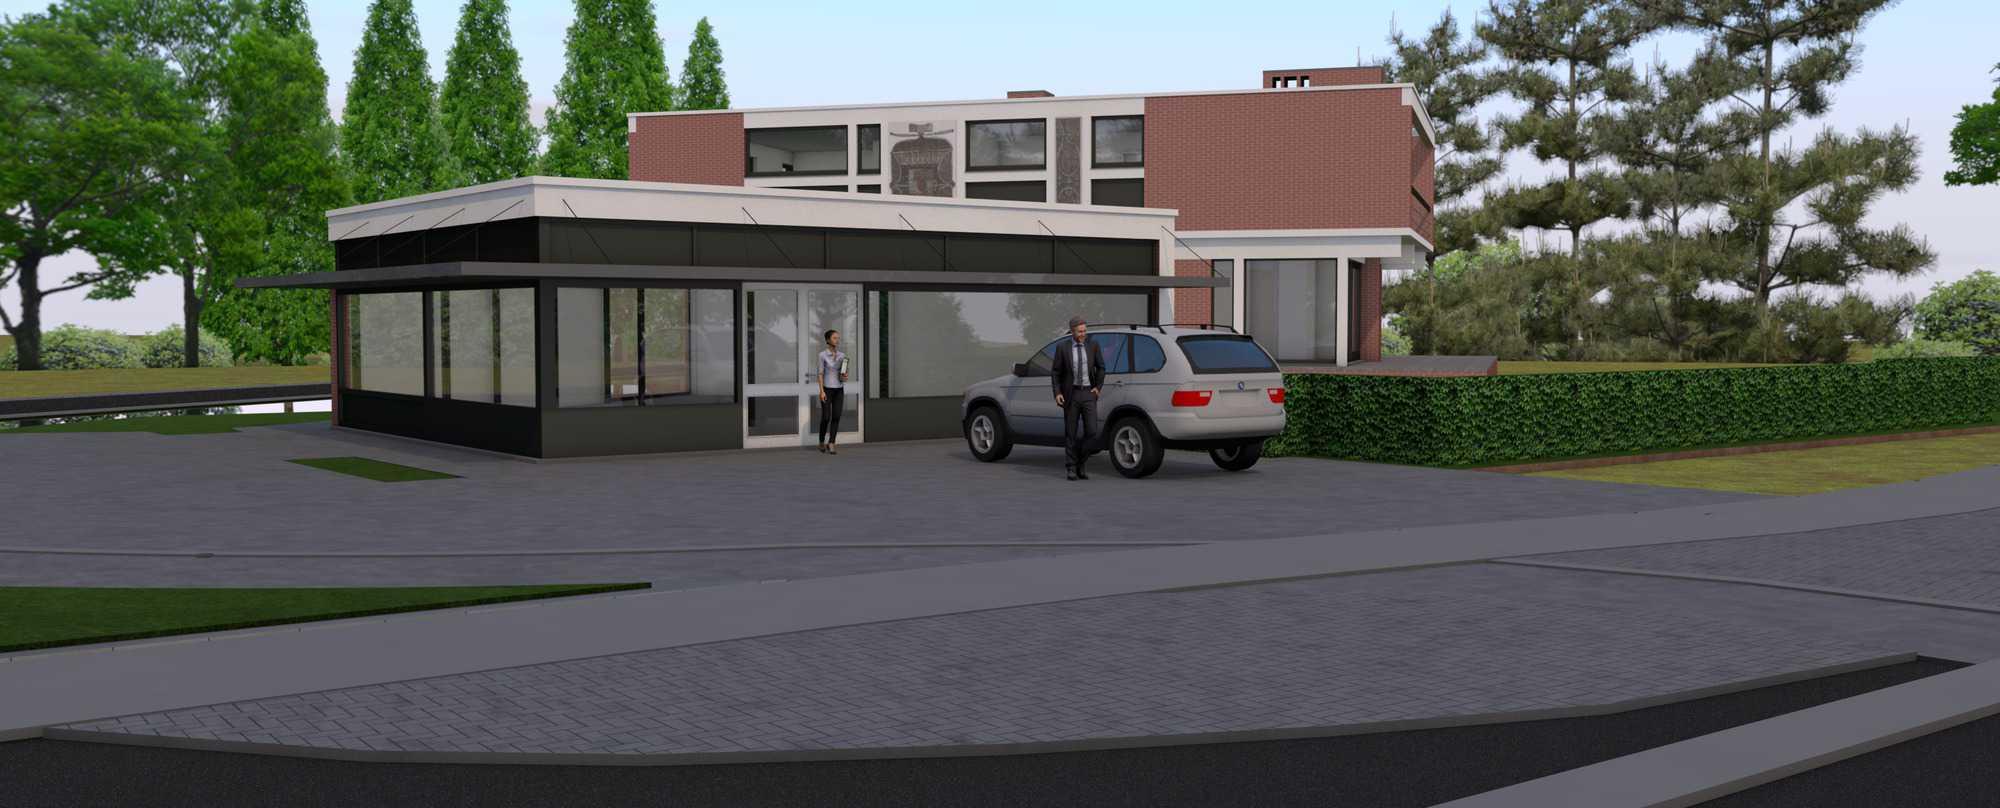 Detail afbeelding 6 van Verbouwing Modernistische Villa | Ontwerp door architect Patrick Strackx